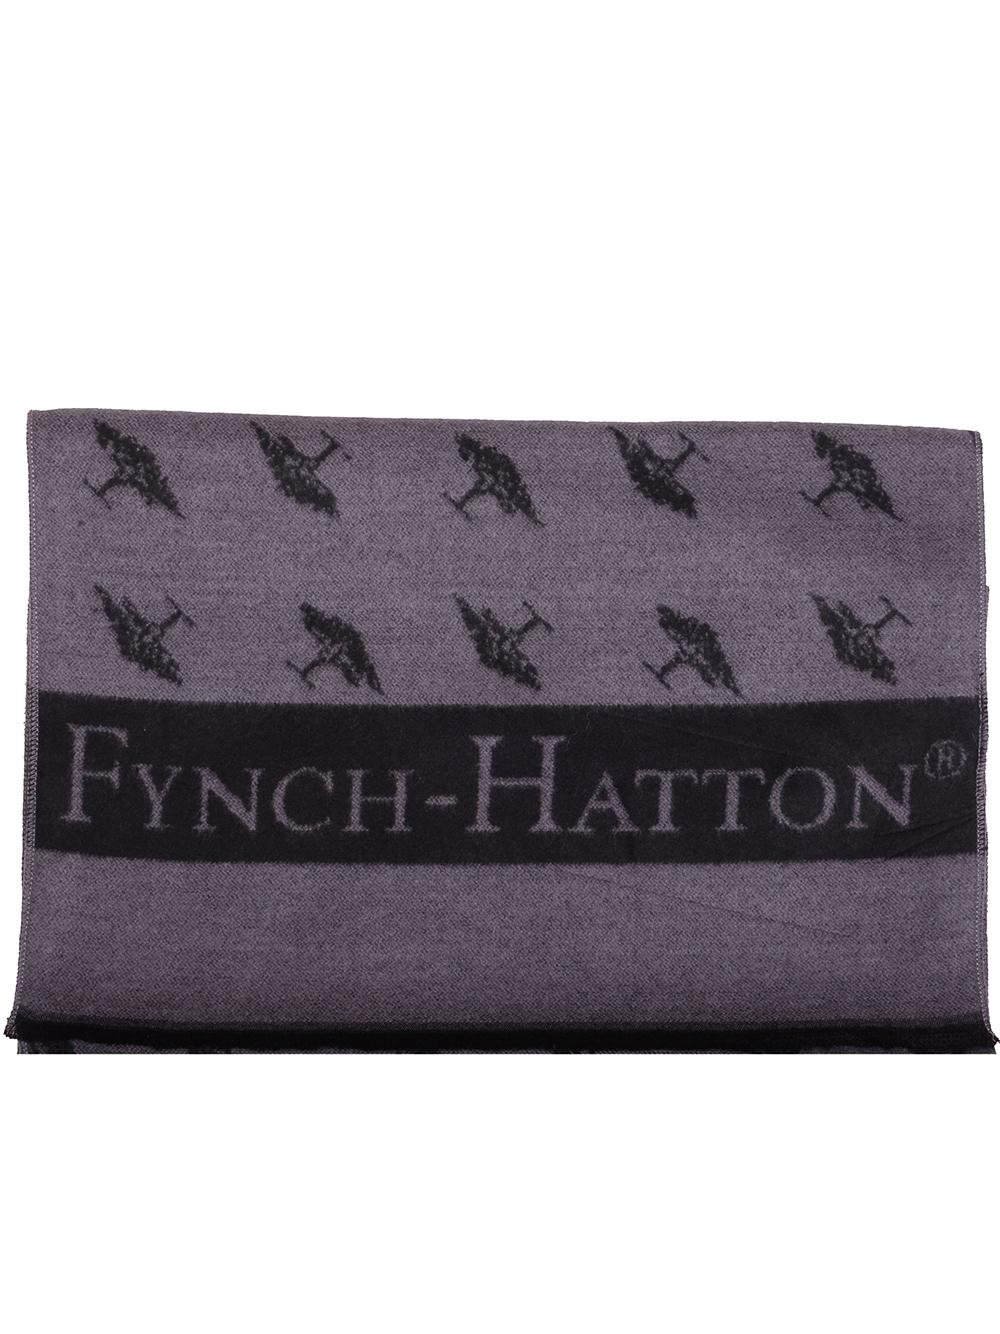 FYNCH-HATTON Κασκόλ 1220 0100-1901 ΓΚΡΙ